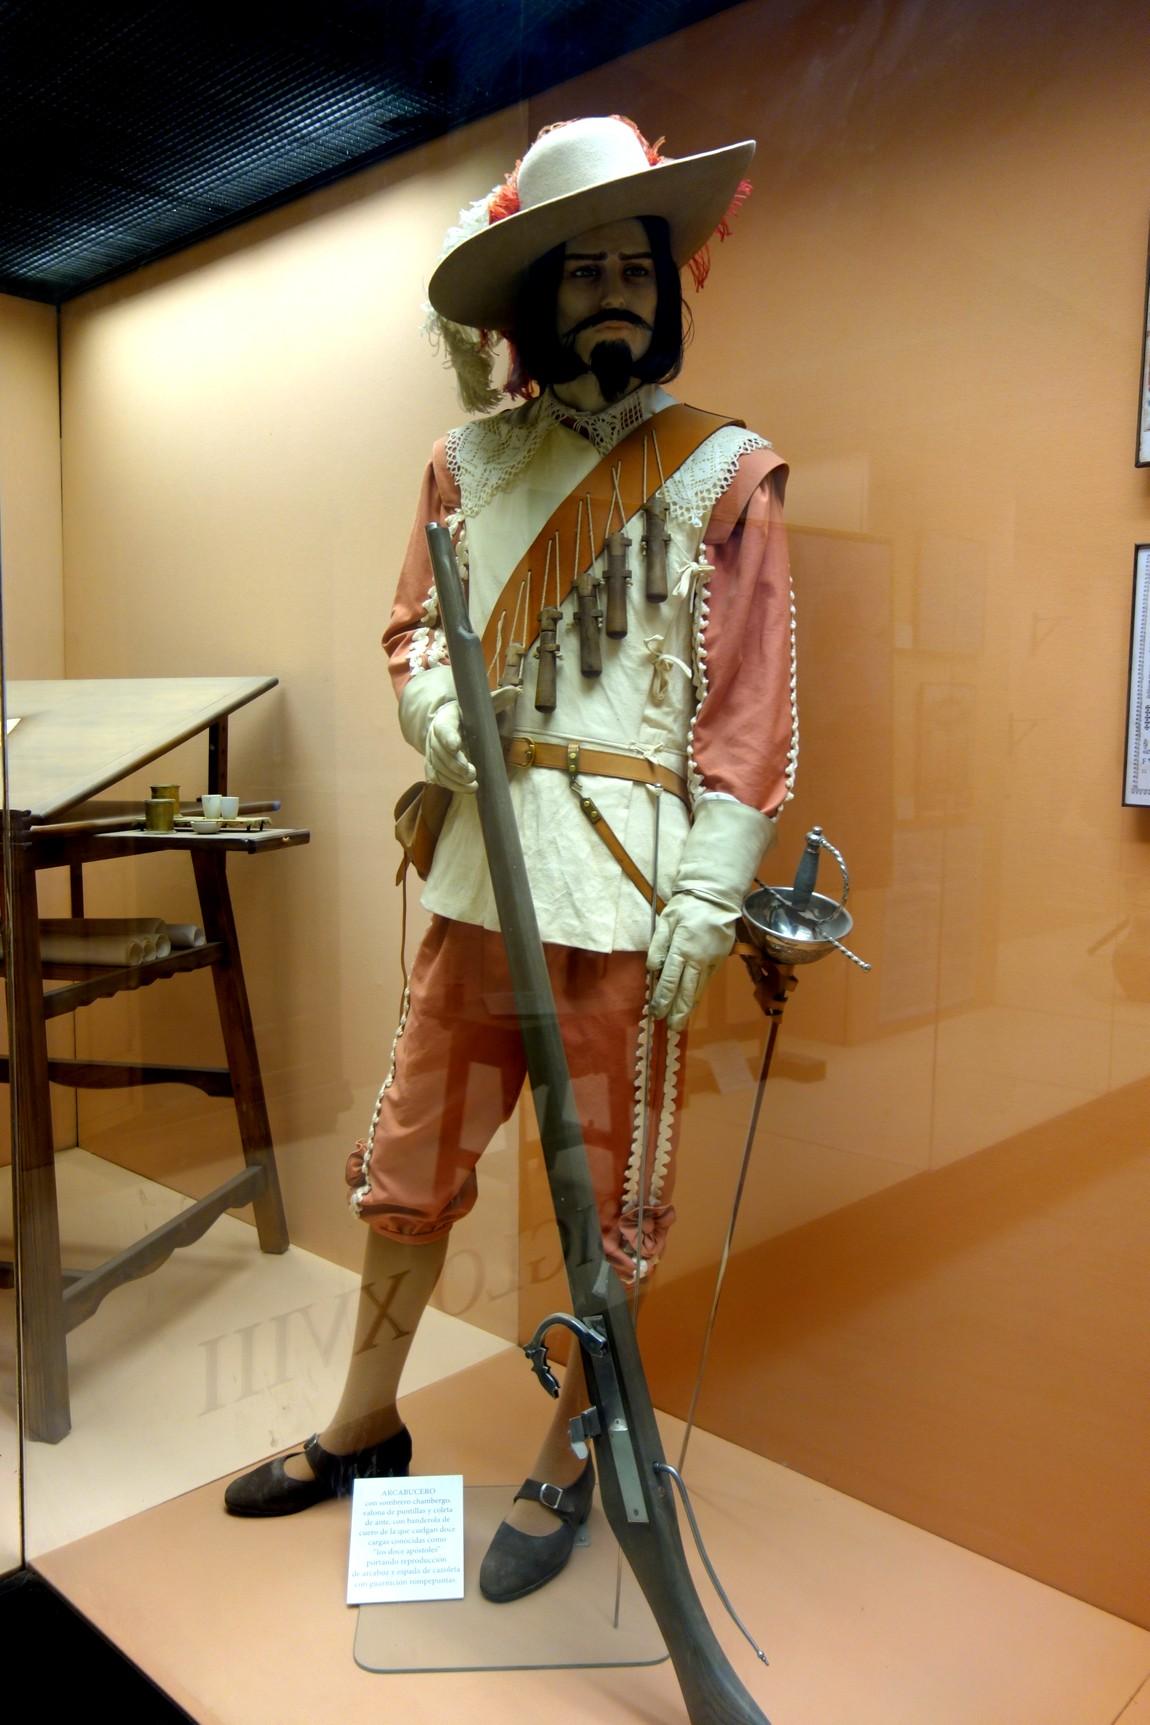 Проходим в музей с восковыми фигурами солдат. Крепость Хибральфаро (Castillo de Gibralfaro)